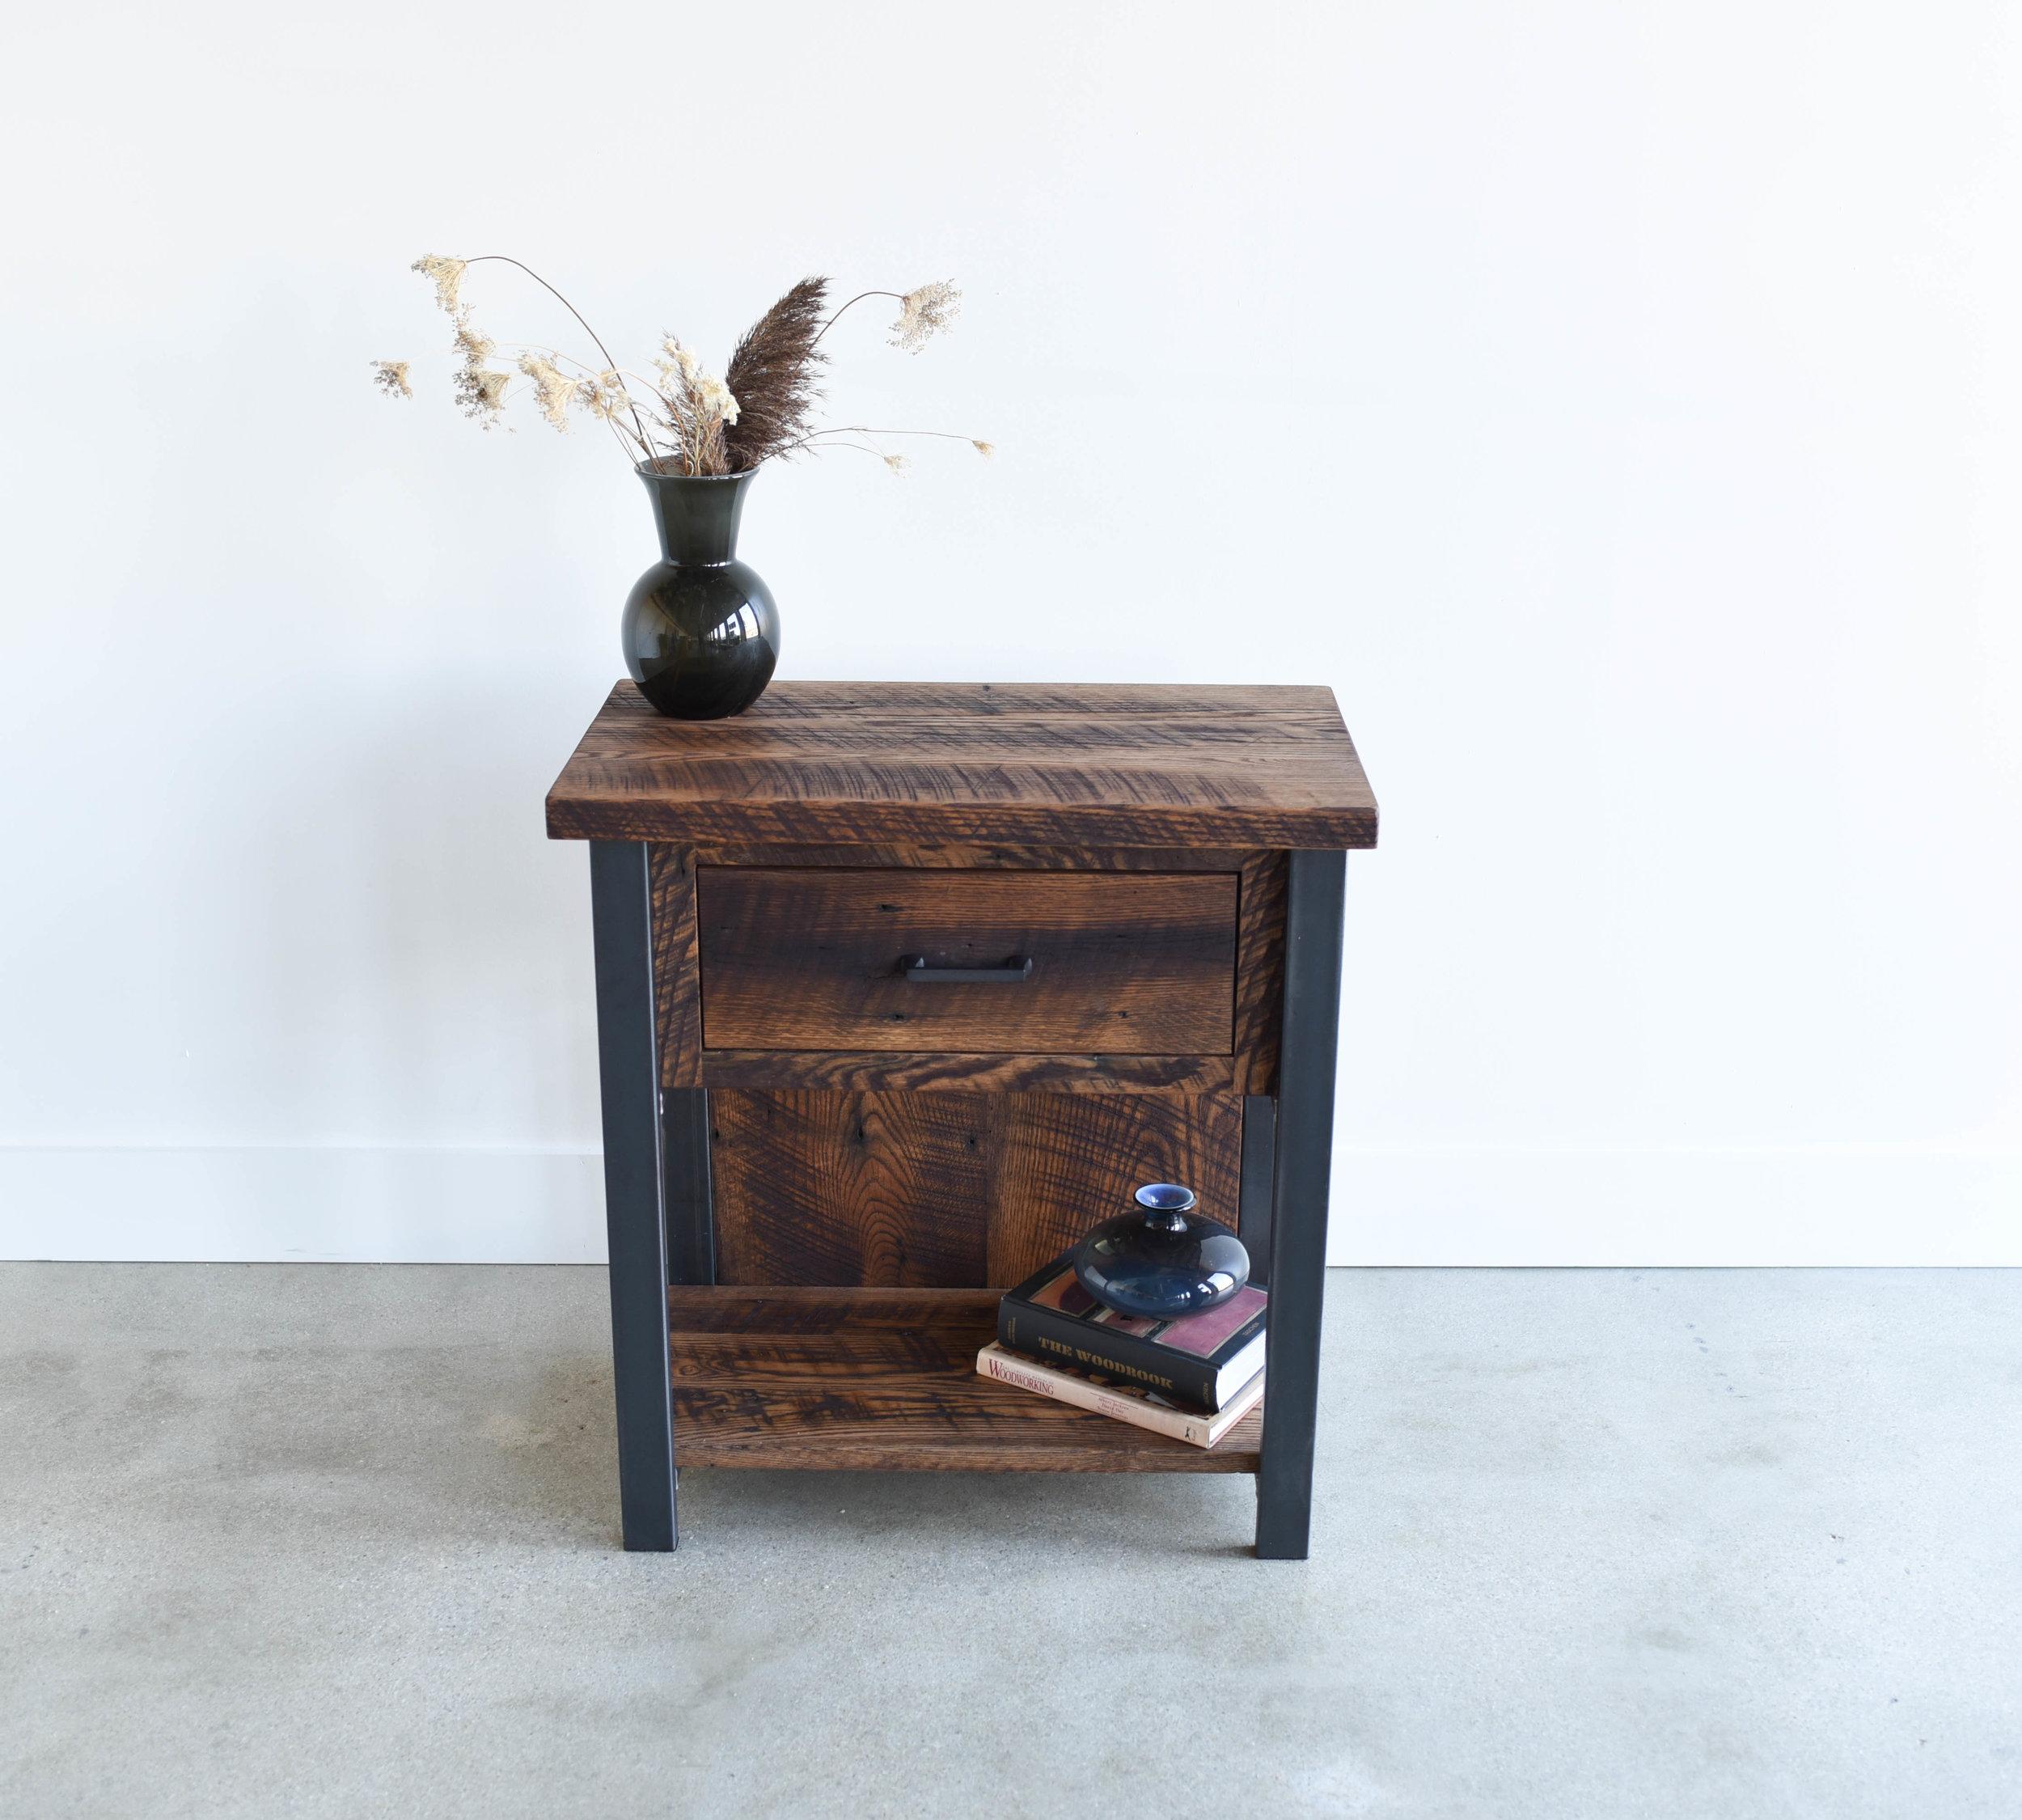 Reclaimed Wood Industrial Storage Nightstand What We Make